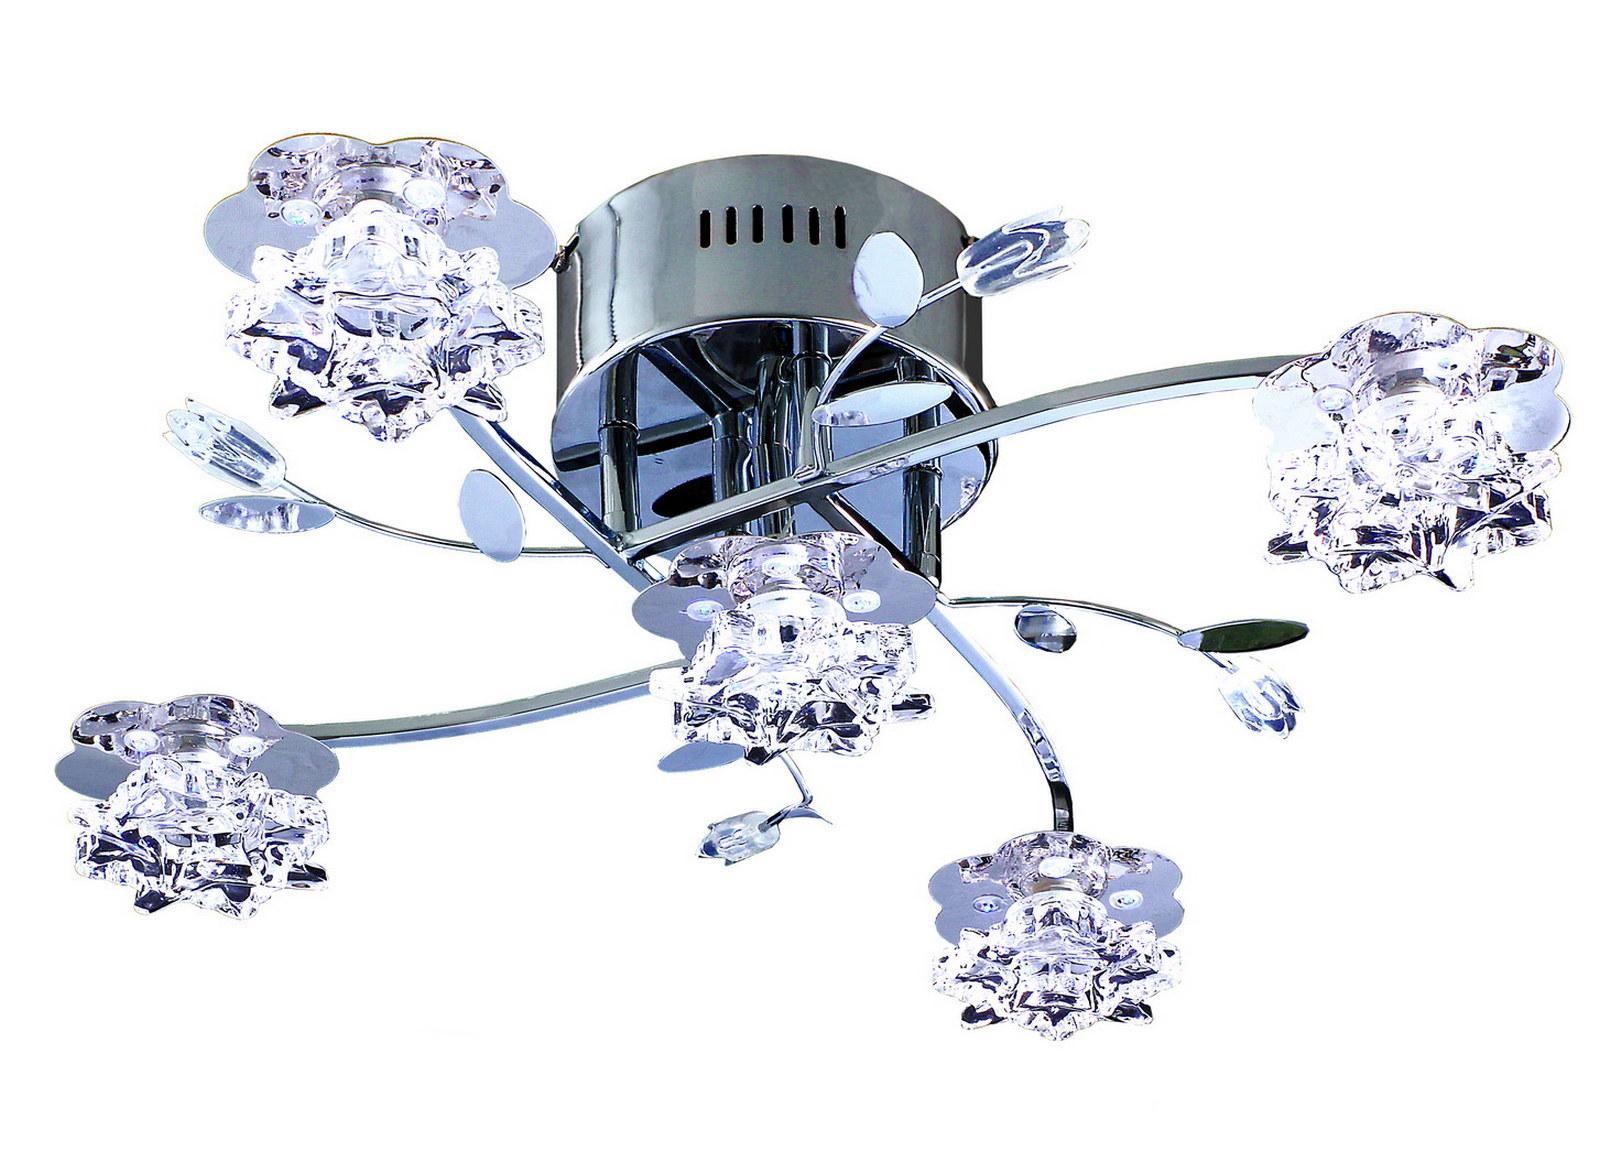 Люстра МАКСИСВЕТЛюстры<br>Назначение светильника: для гостиной,<br>Стиль светильника: флористика,<br>Тип: потолочная,<br>Материал светильника: металл, стекло,<br>Материал плафона: стекло,<br>Материал арматуры: металл,<br>Длина (мм): 540,<br>Ширина: 540,<br>Высота: 180,<br>Количество ламп: 5,<br>Тип лампы: галогенные и светодиодные,<br>Мощность: 20,<br>Патрон: G4,<br>Пульт ДУ: есть,<br>Цвет арматуры: хром<br>